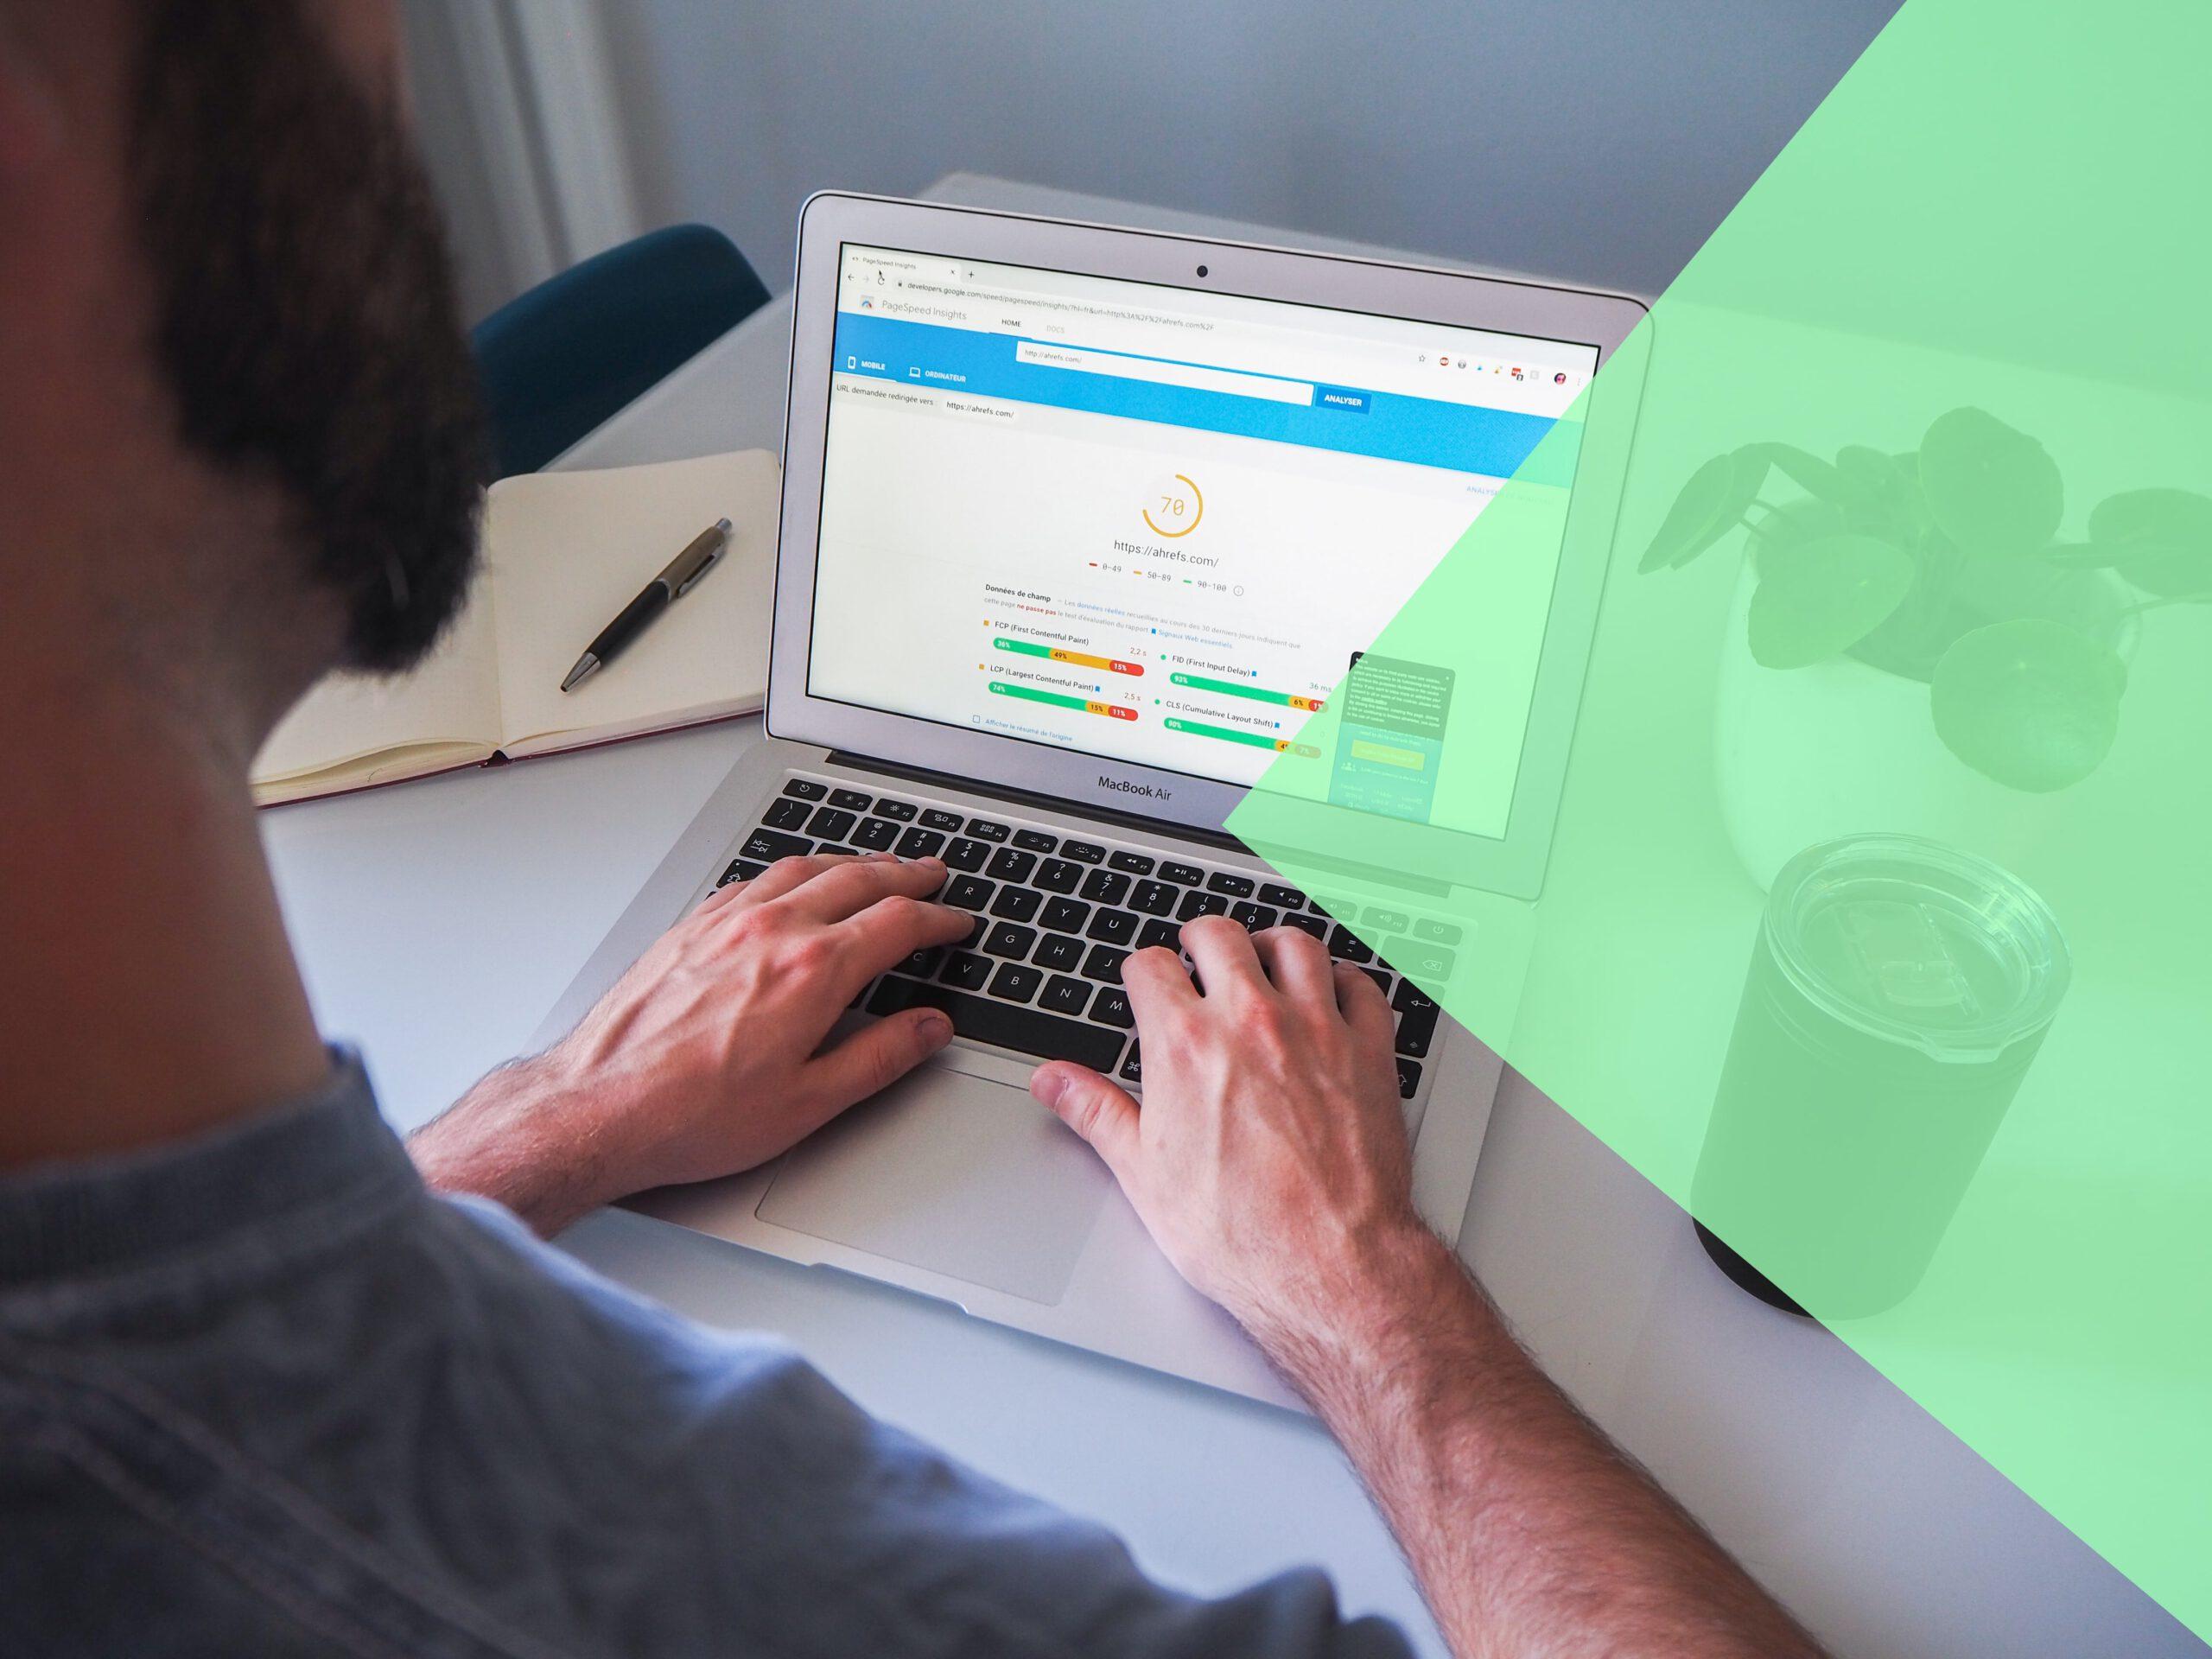 Snelheid en nieuwe features - website onderhoud - IN ZICHT Marketing